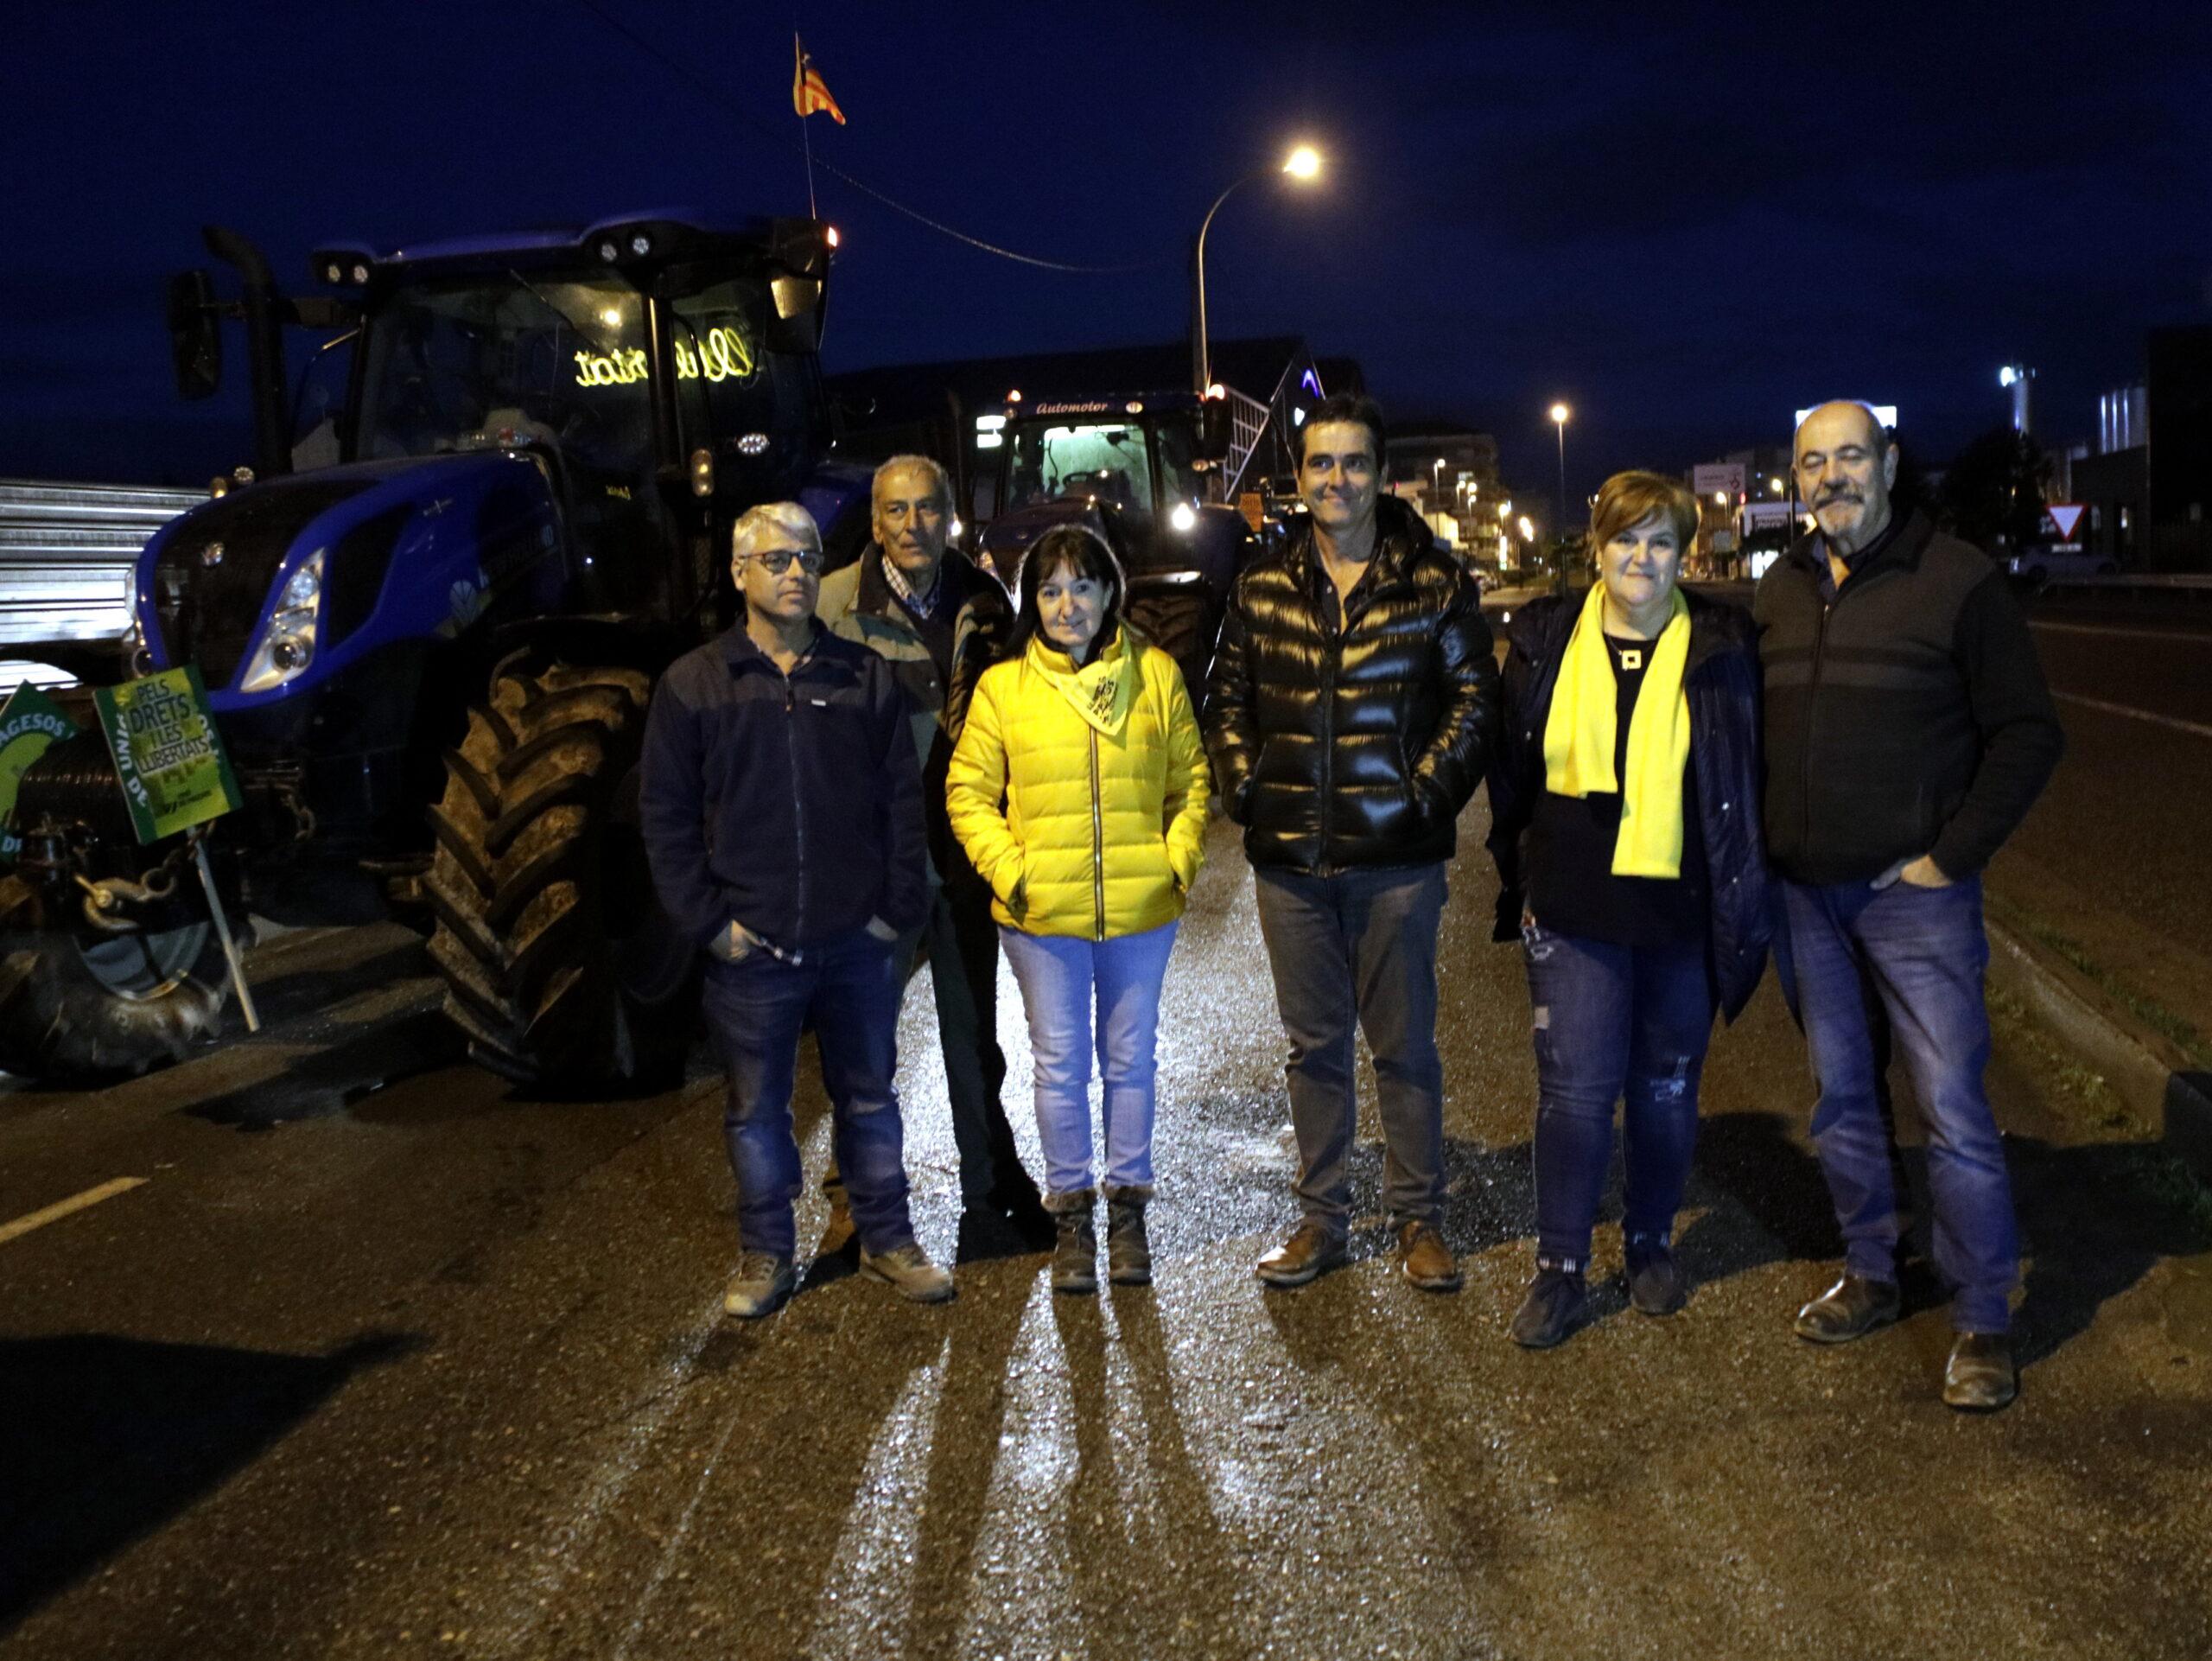 Pla general d'alguns dels participants a la tractorada d'Unió de Pagesos que han sortit de Mollerussa, el 21 de desembre de 2019. (Horitzontal)